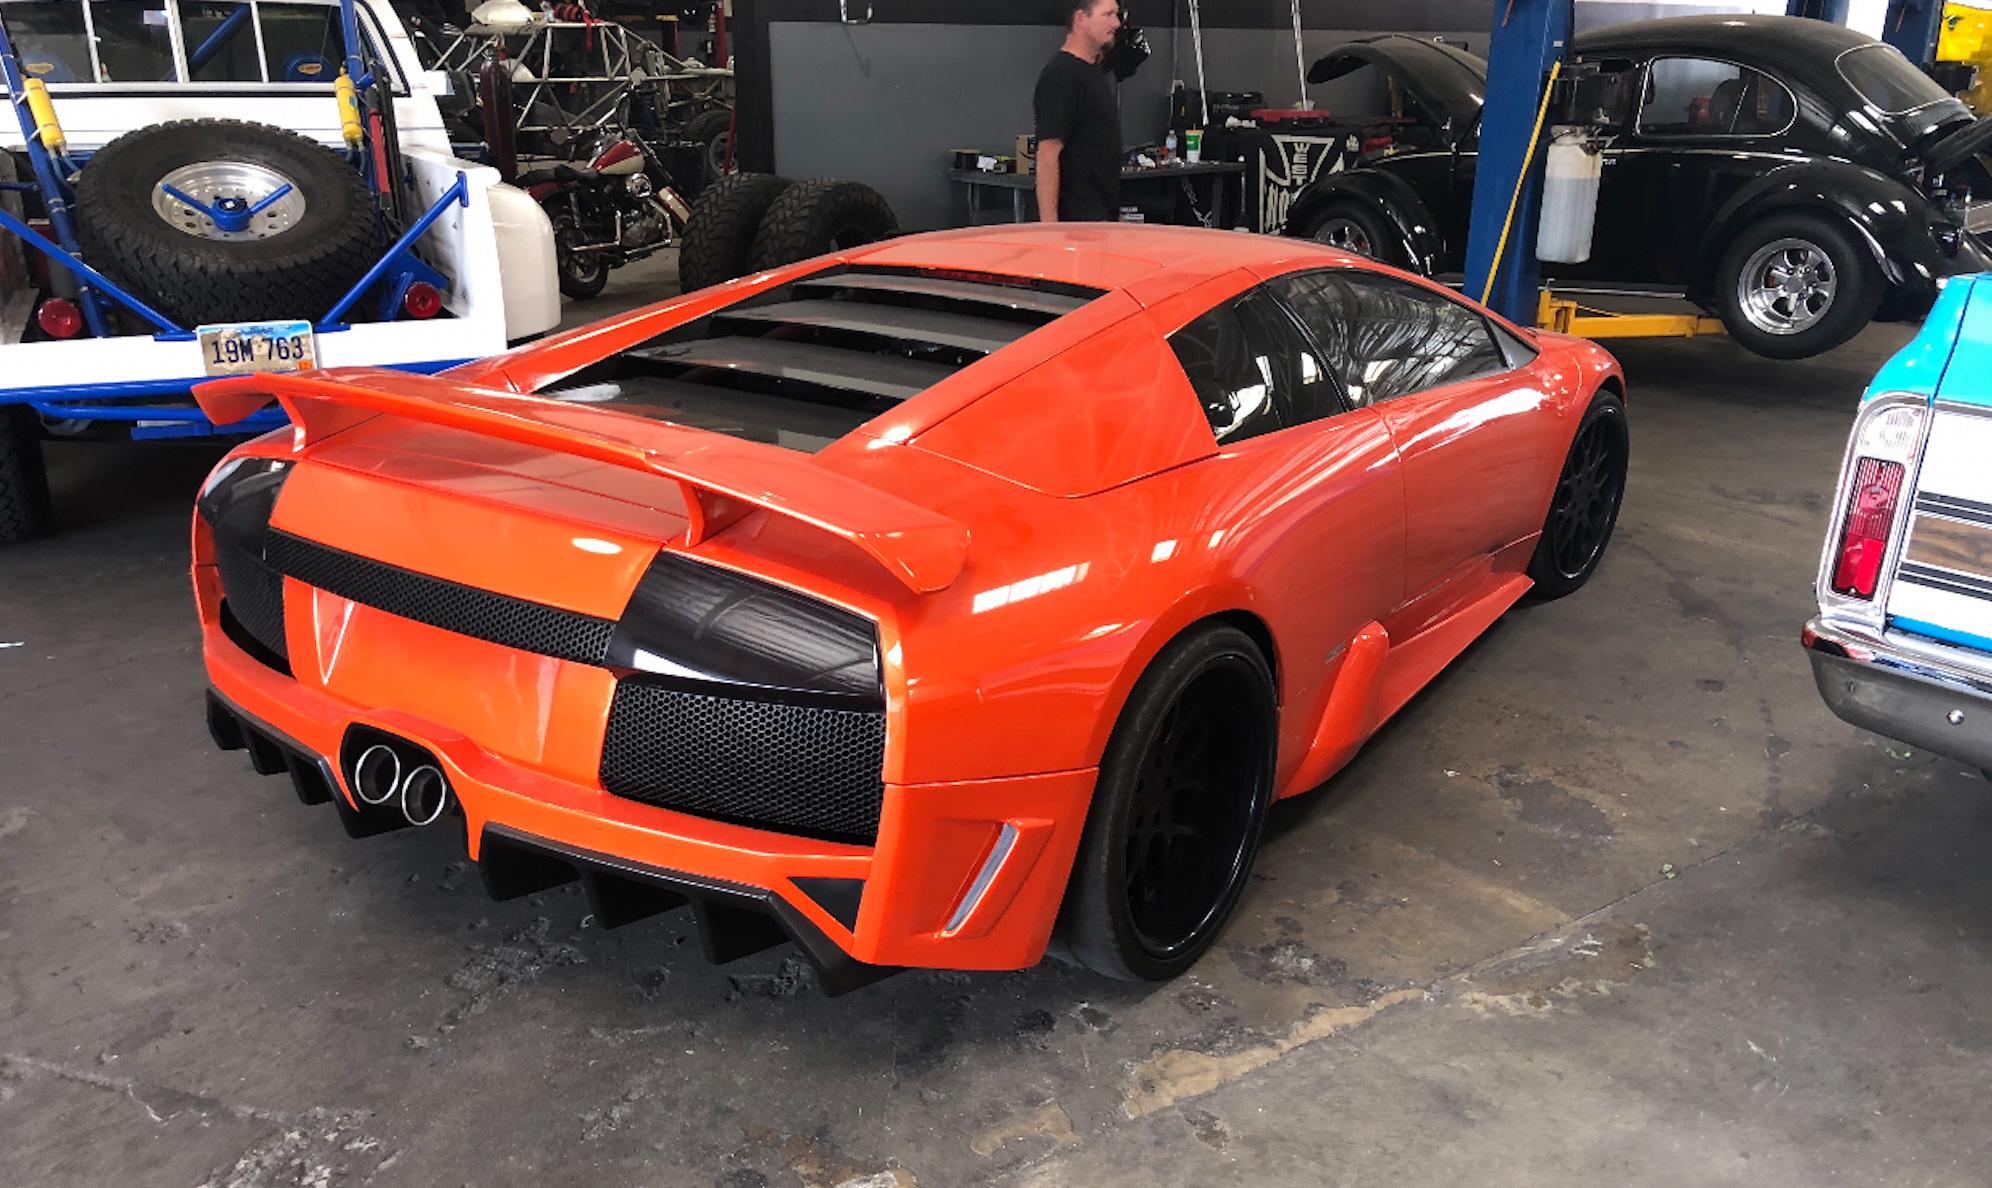 Lamborghini Murcielago rear 3/4